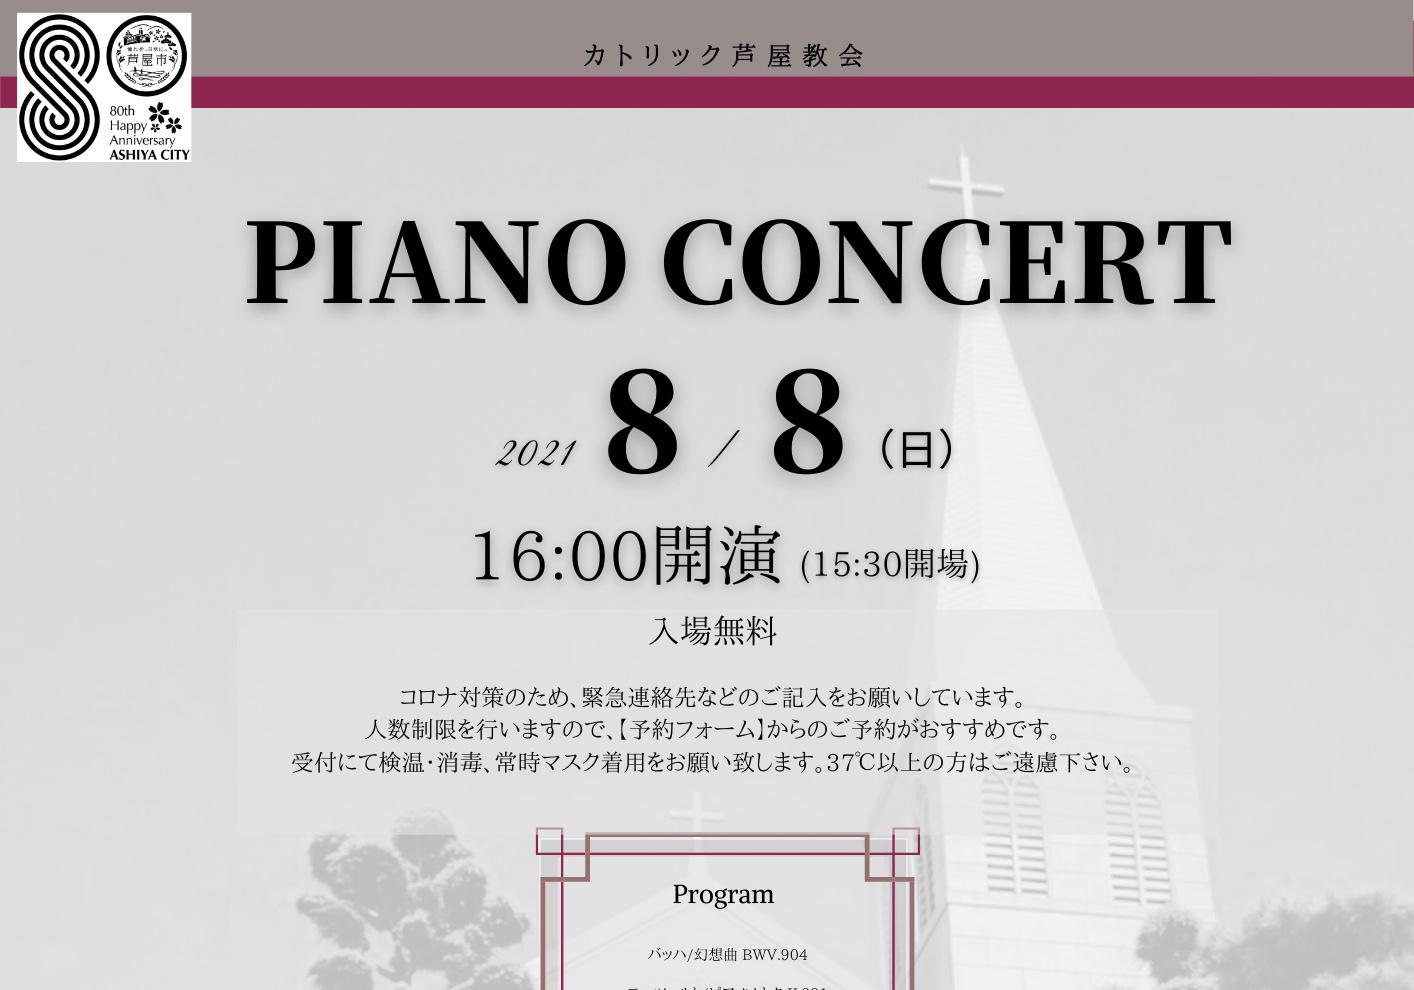 2021年8月8日 カトリック芦屋教会 井関 花 ピアノコンサート 開催